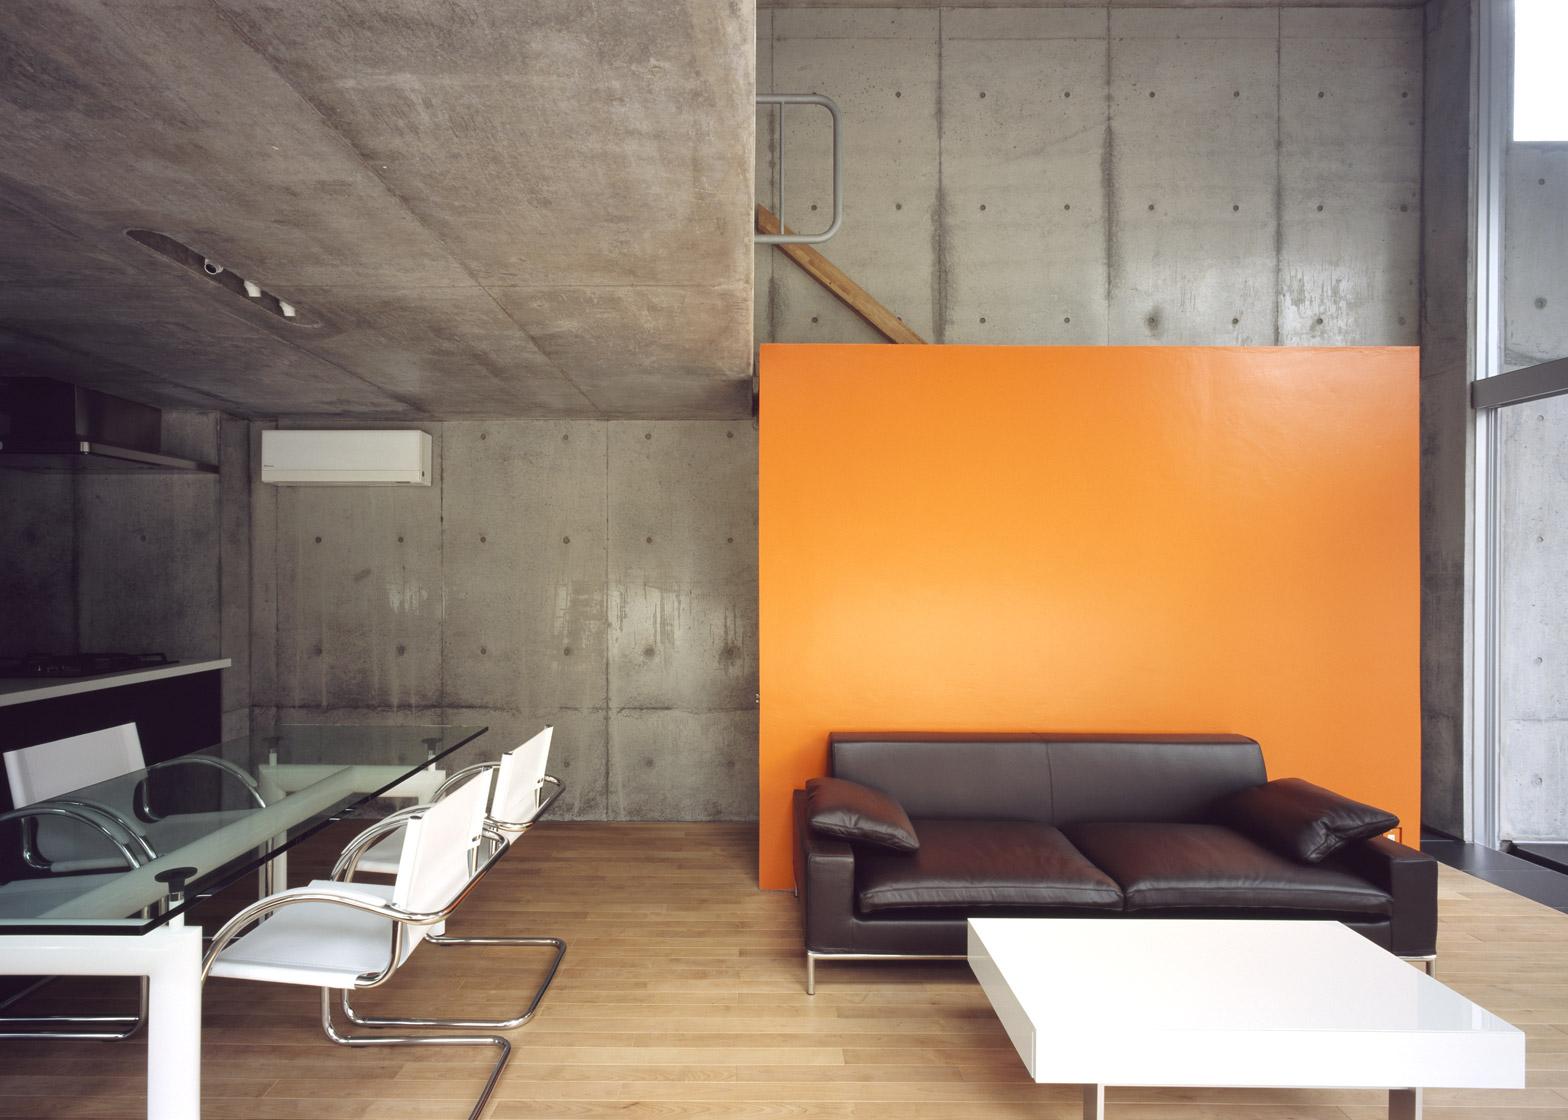 H-Orange by Takuro Yamamoto